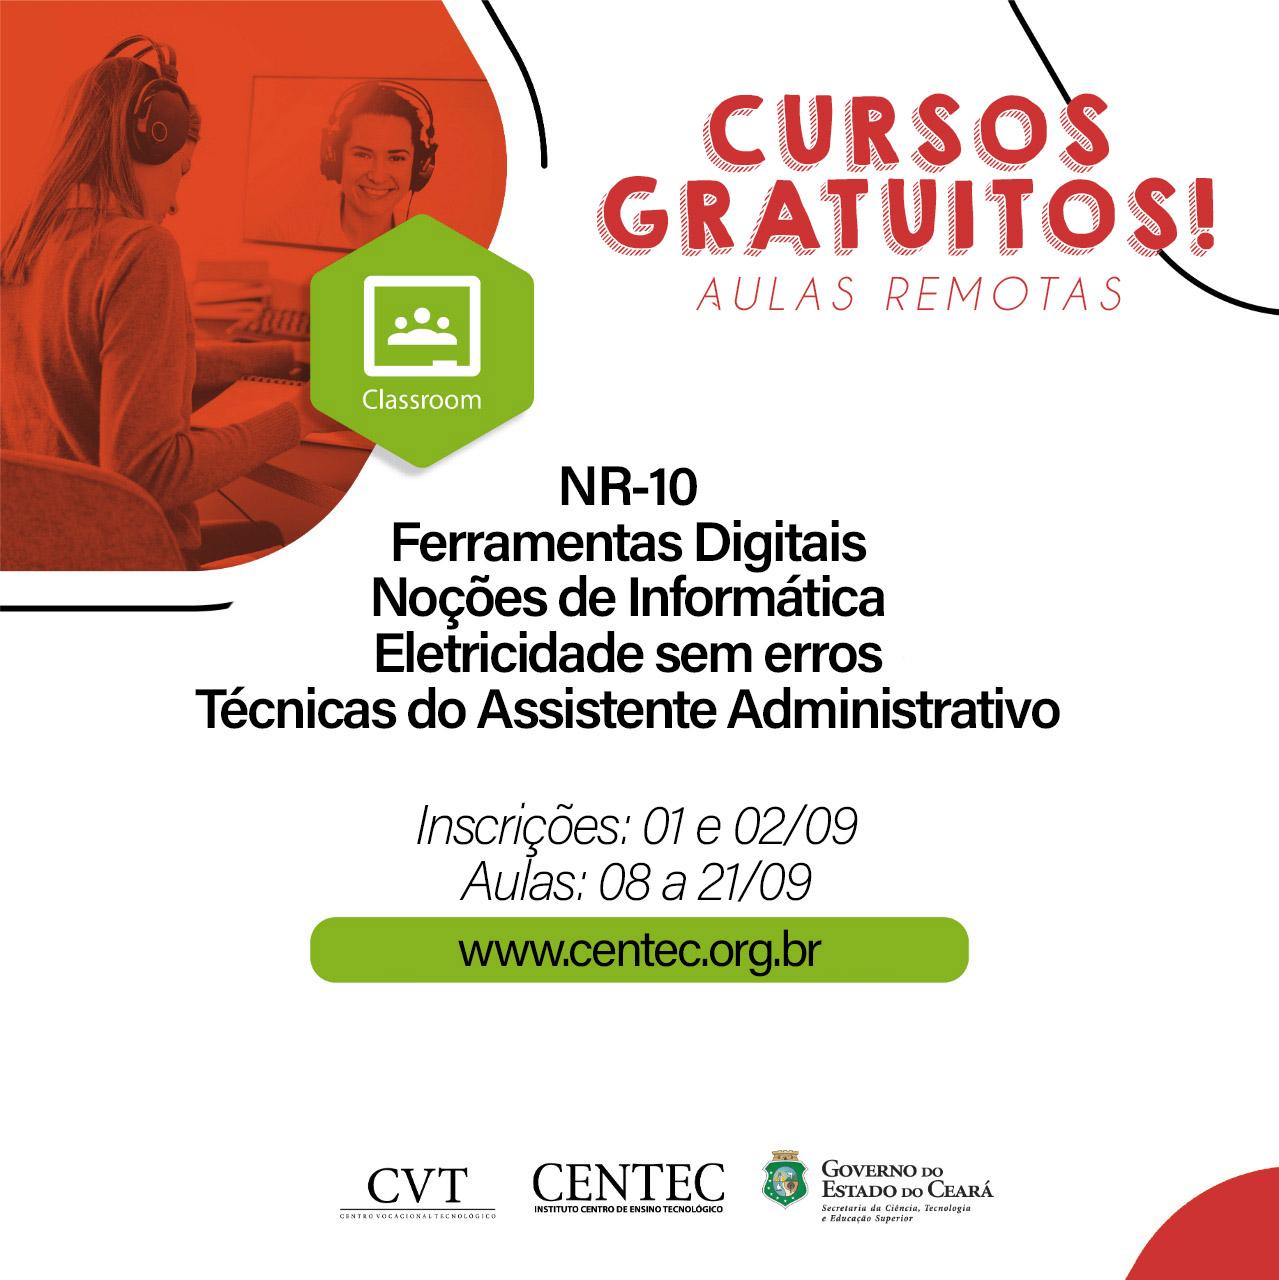 Centec Oferece 400 Vagas Em Cursos Online Gratuitos Governo Do Estado Do Ceara